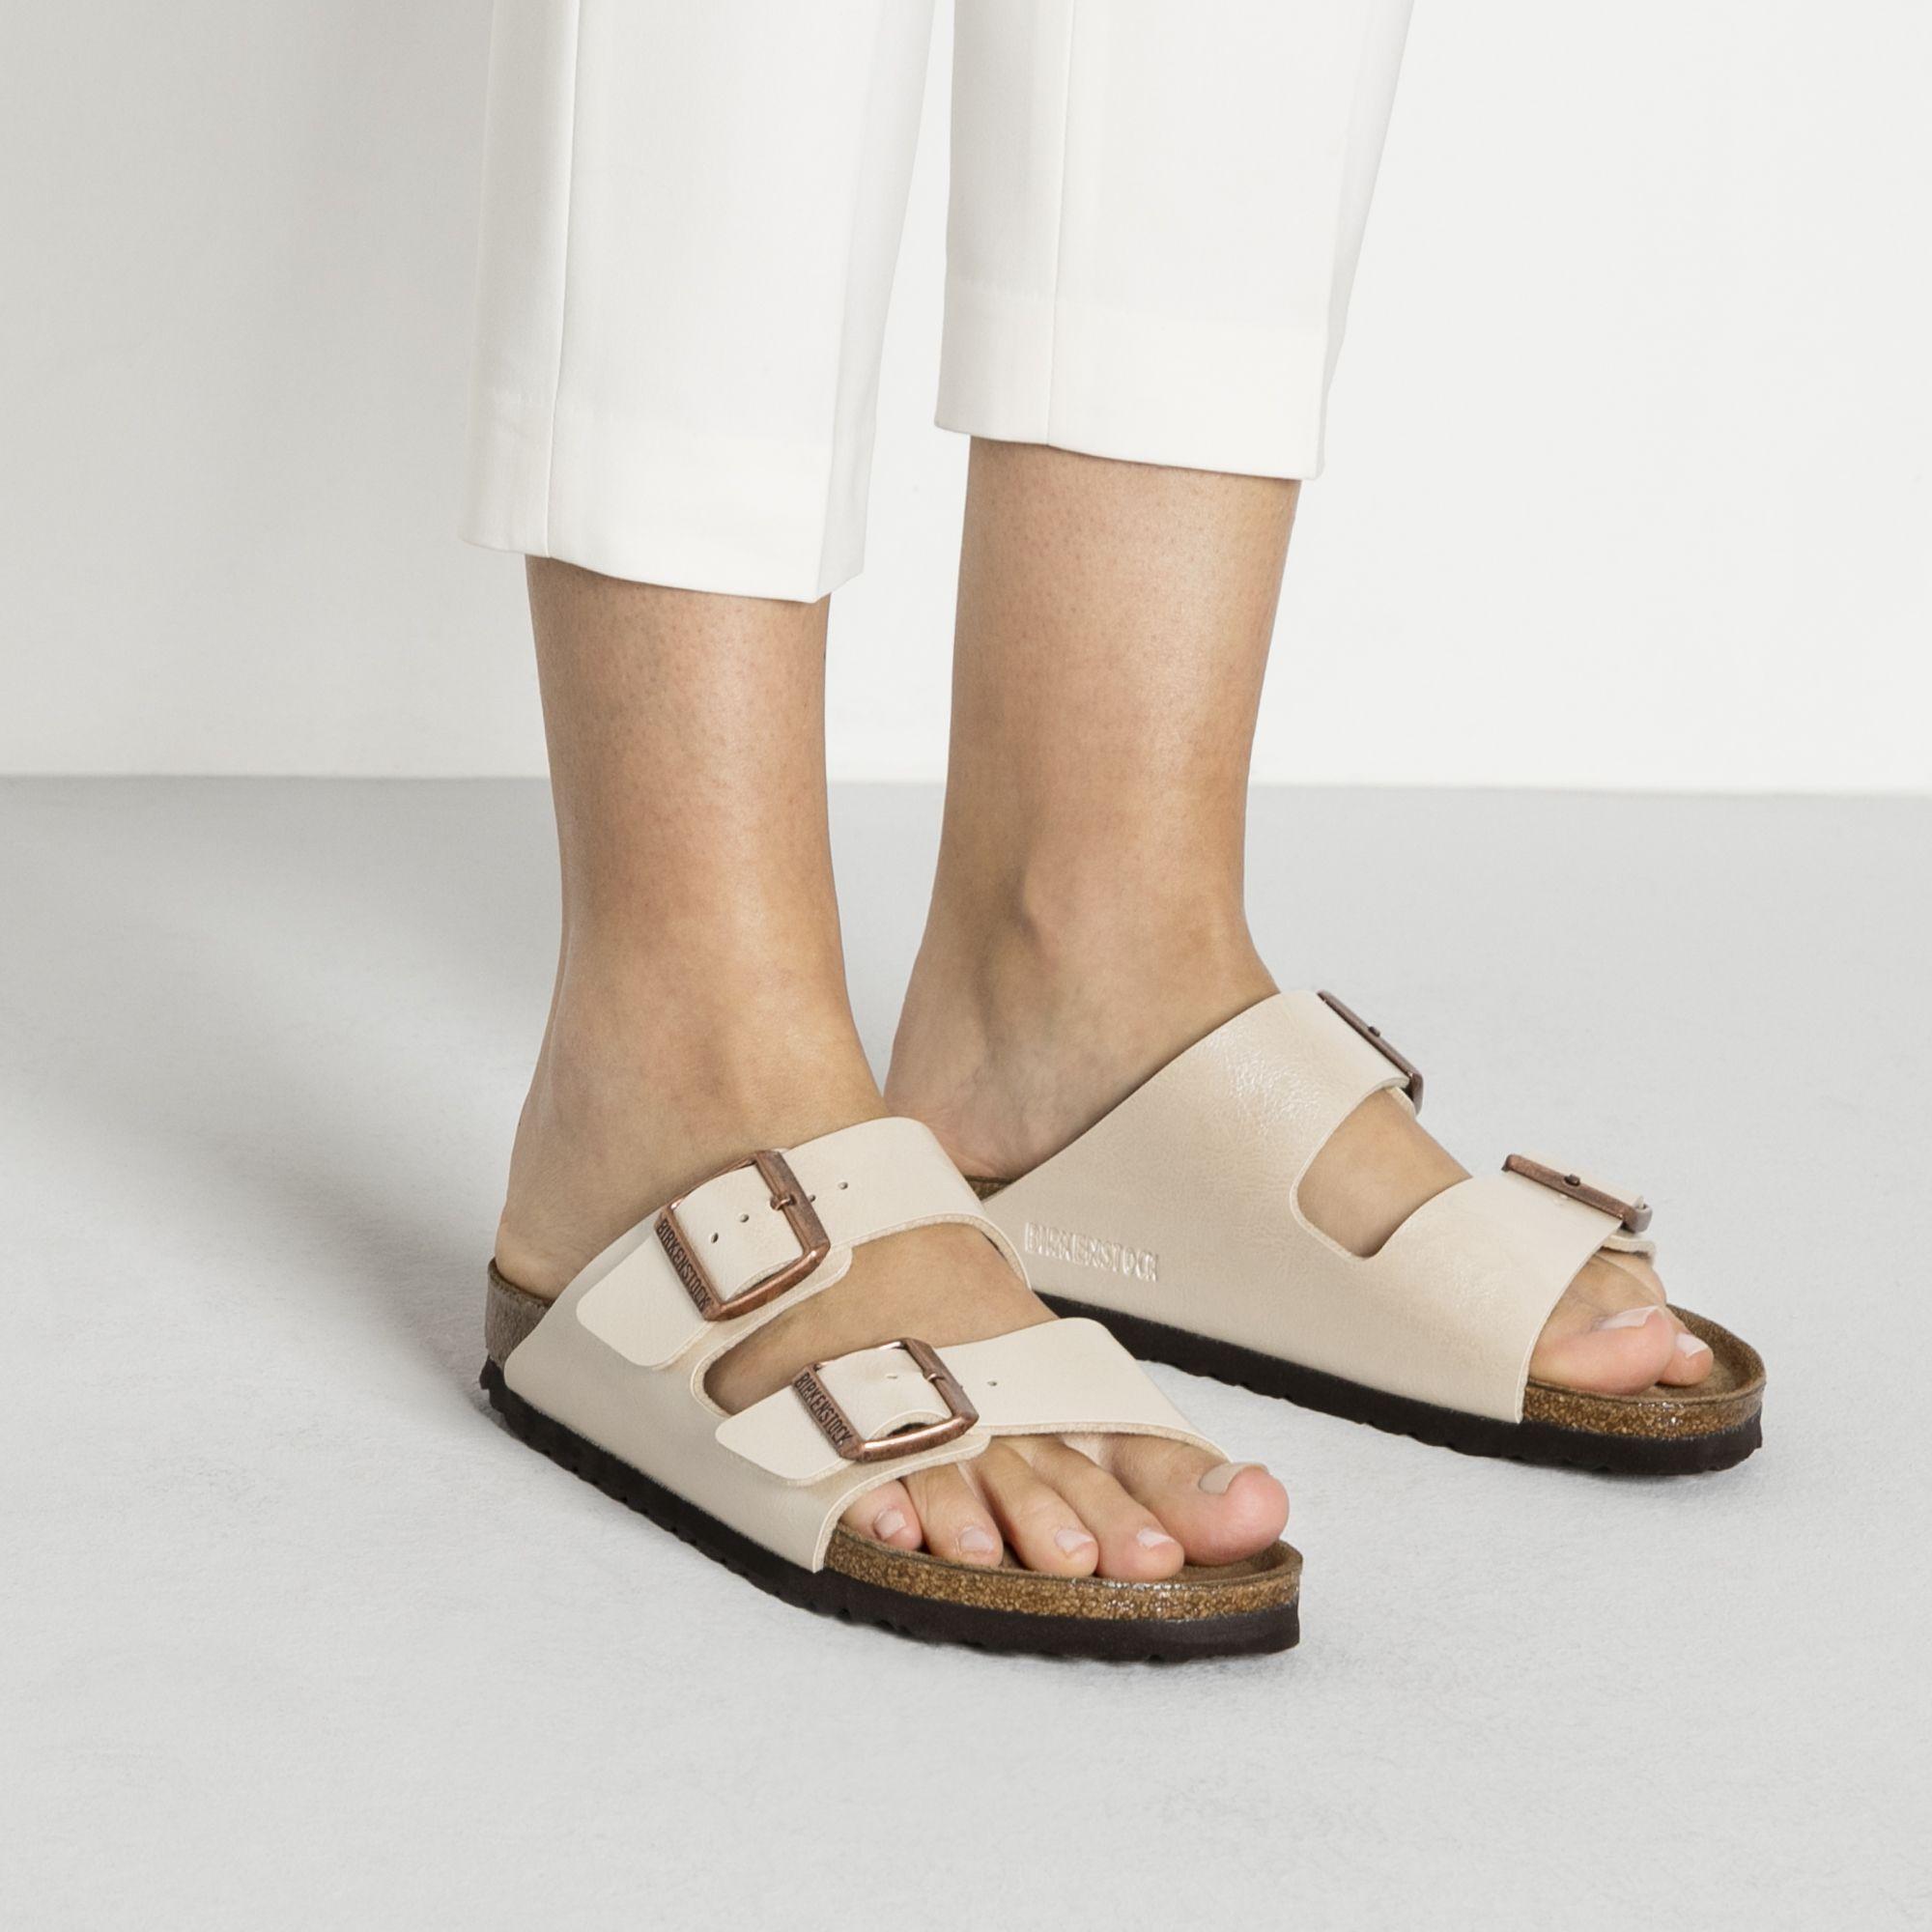 Arizona Birko Flor Graceful Pearl White Womens Birkenstocks Birkenstock Two Strap Sandals